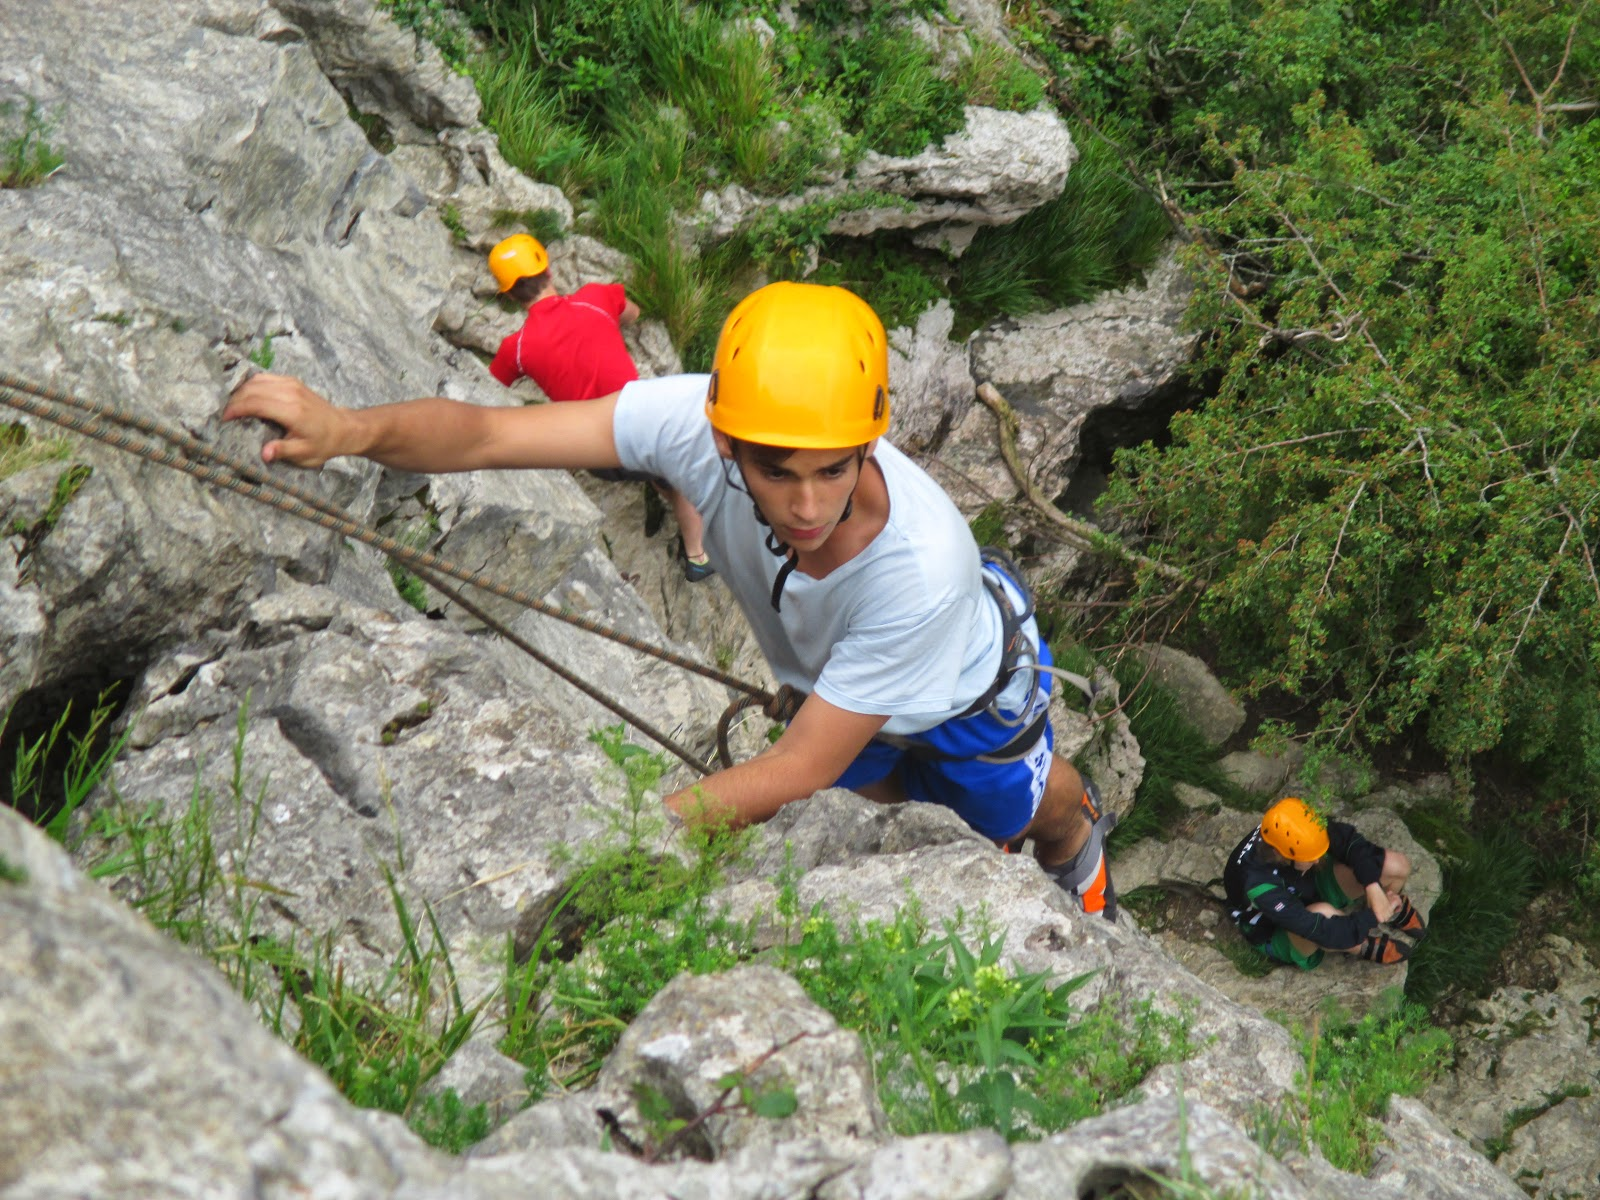 Curso de escalada en roca: Santa Barbara (Hernani)